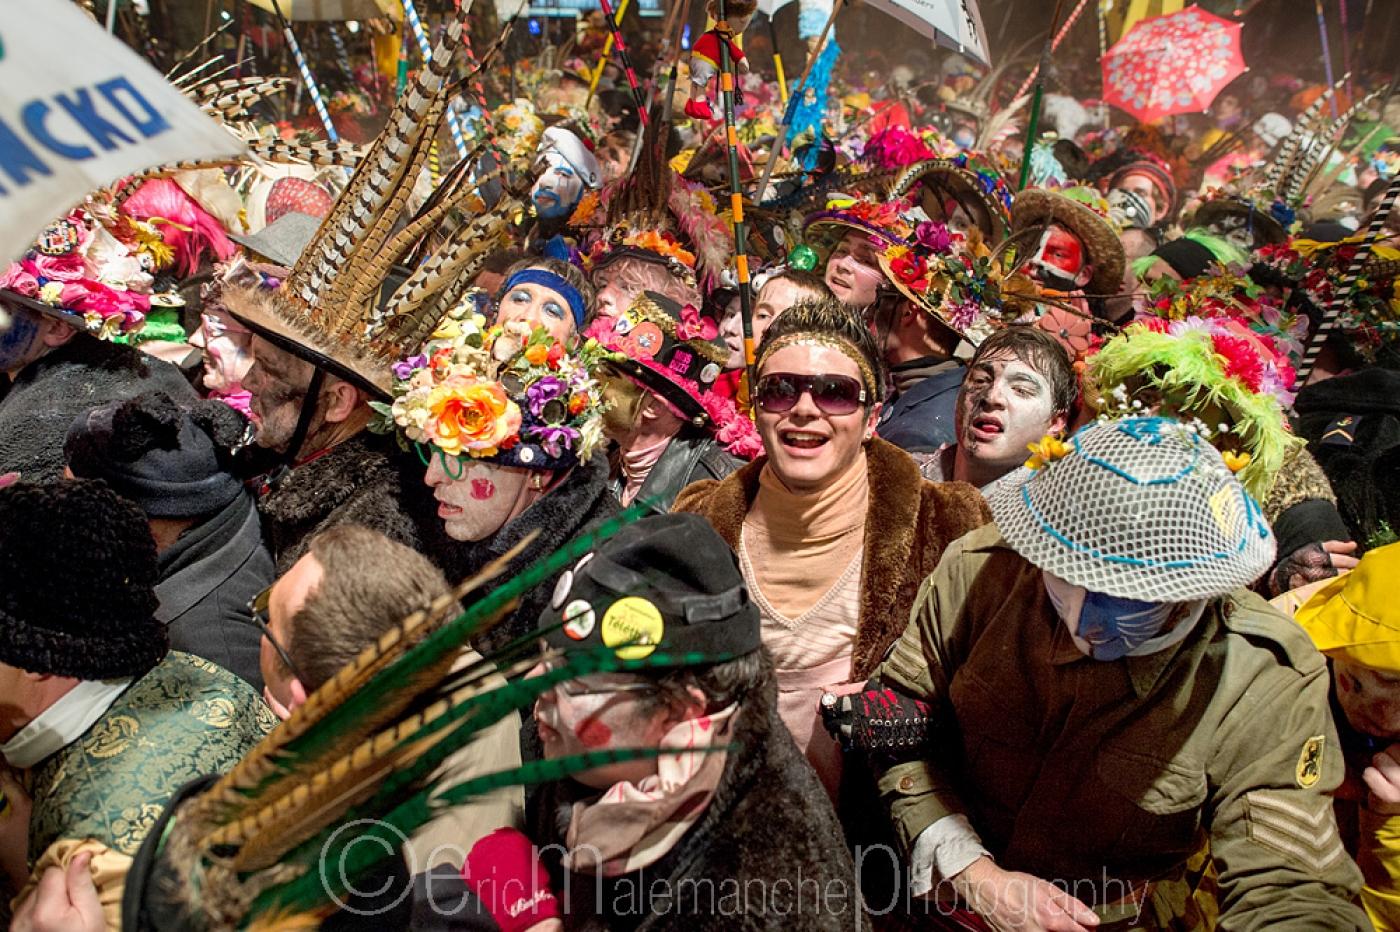 http://www.ericmalemanche.com/imagess/topics/carnaval-de-dunkerque/liste/Carnaval-Dunkerque-6550.jpg